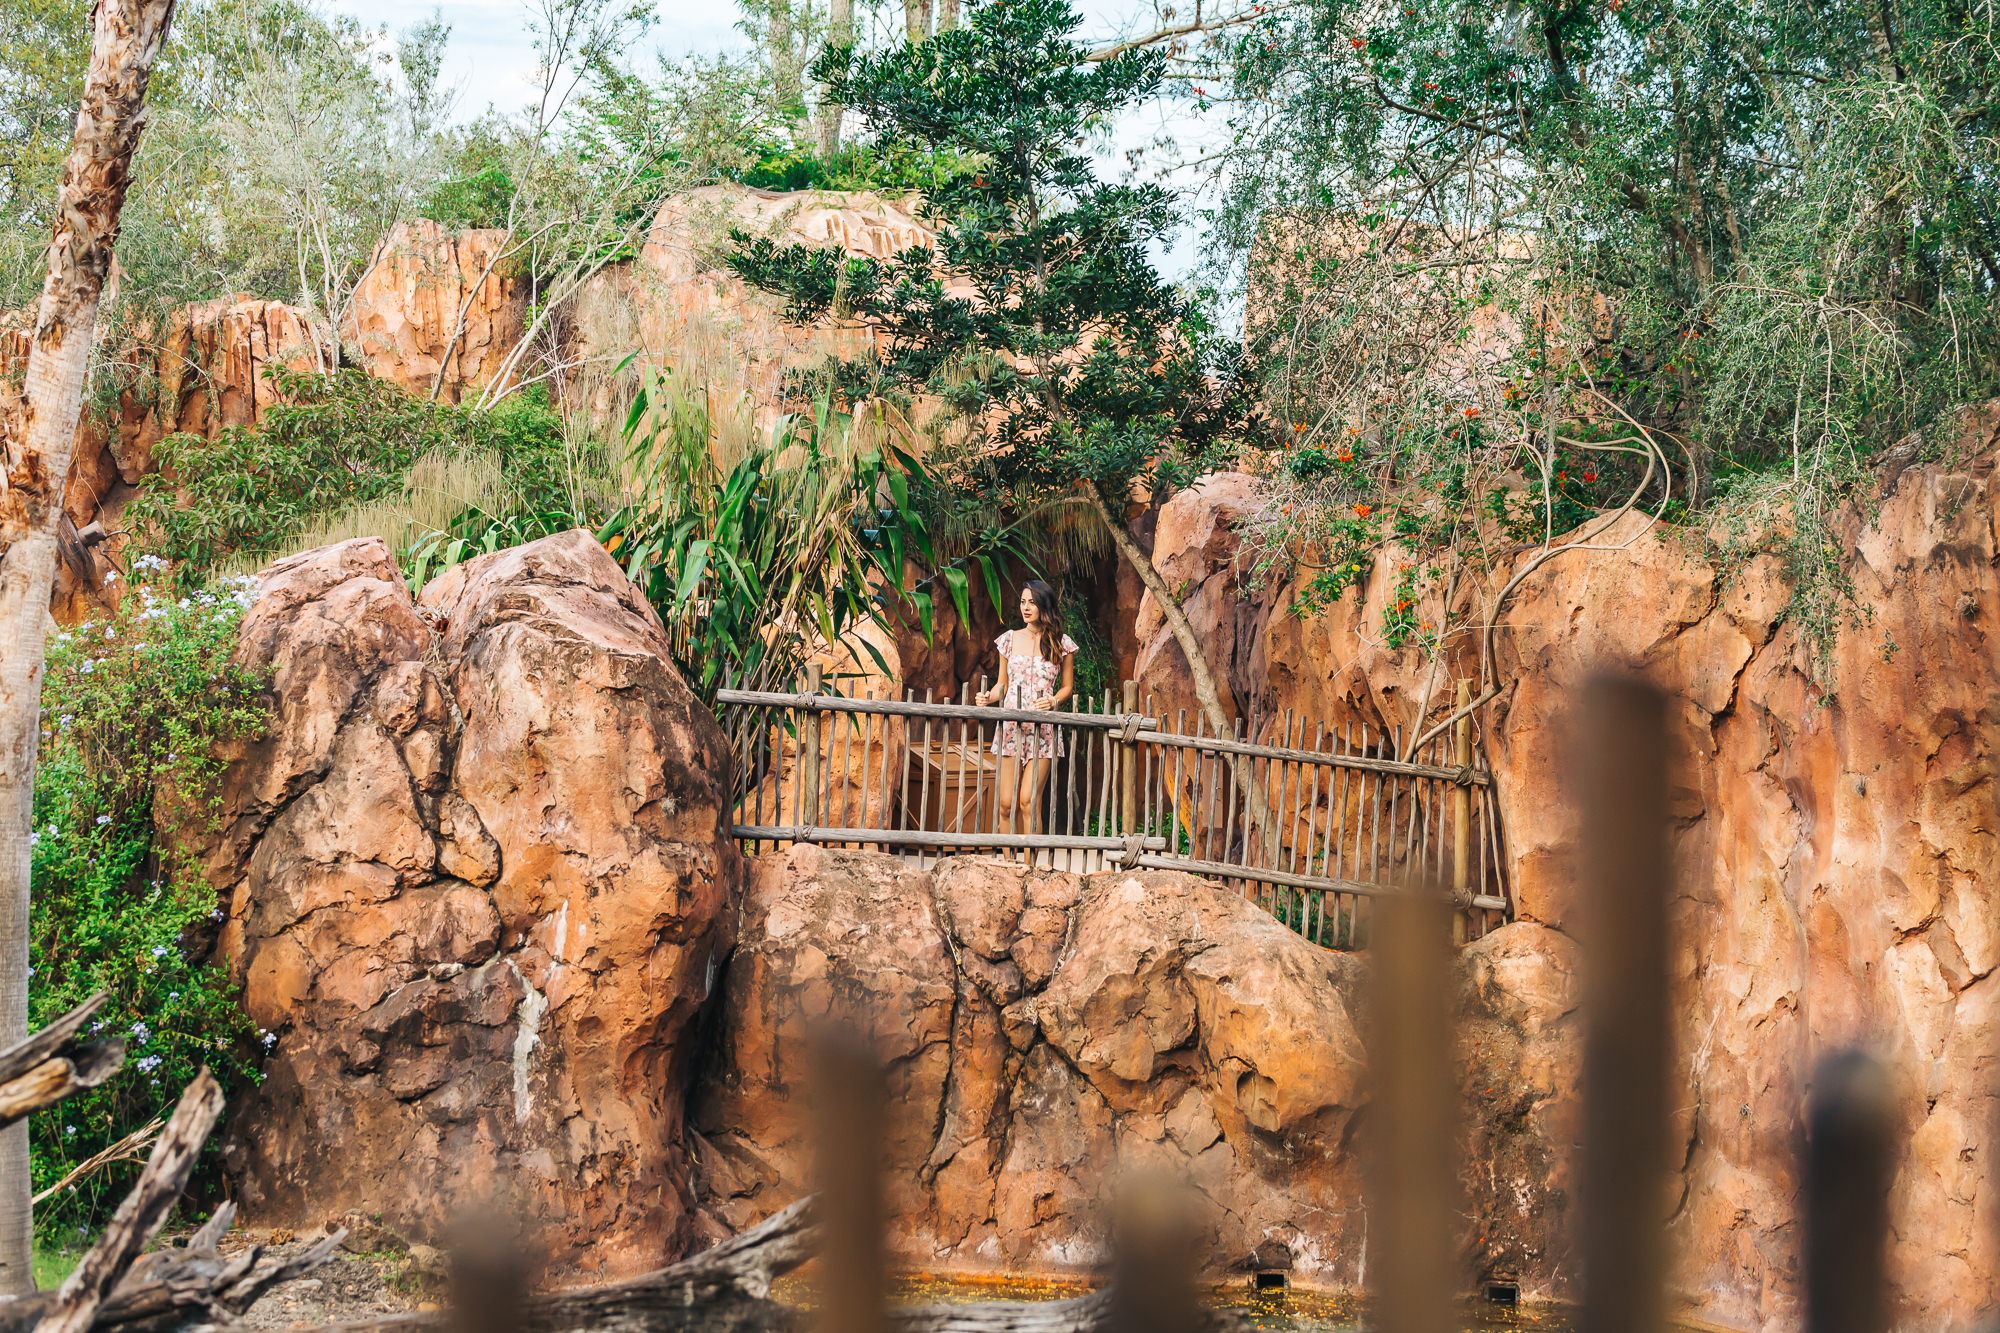 ANIMAL KINGDOM LODGE www.thetravelpockets.com